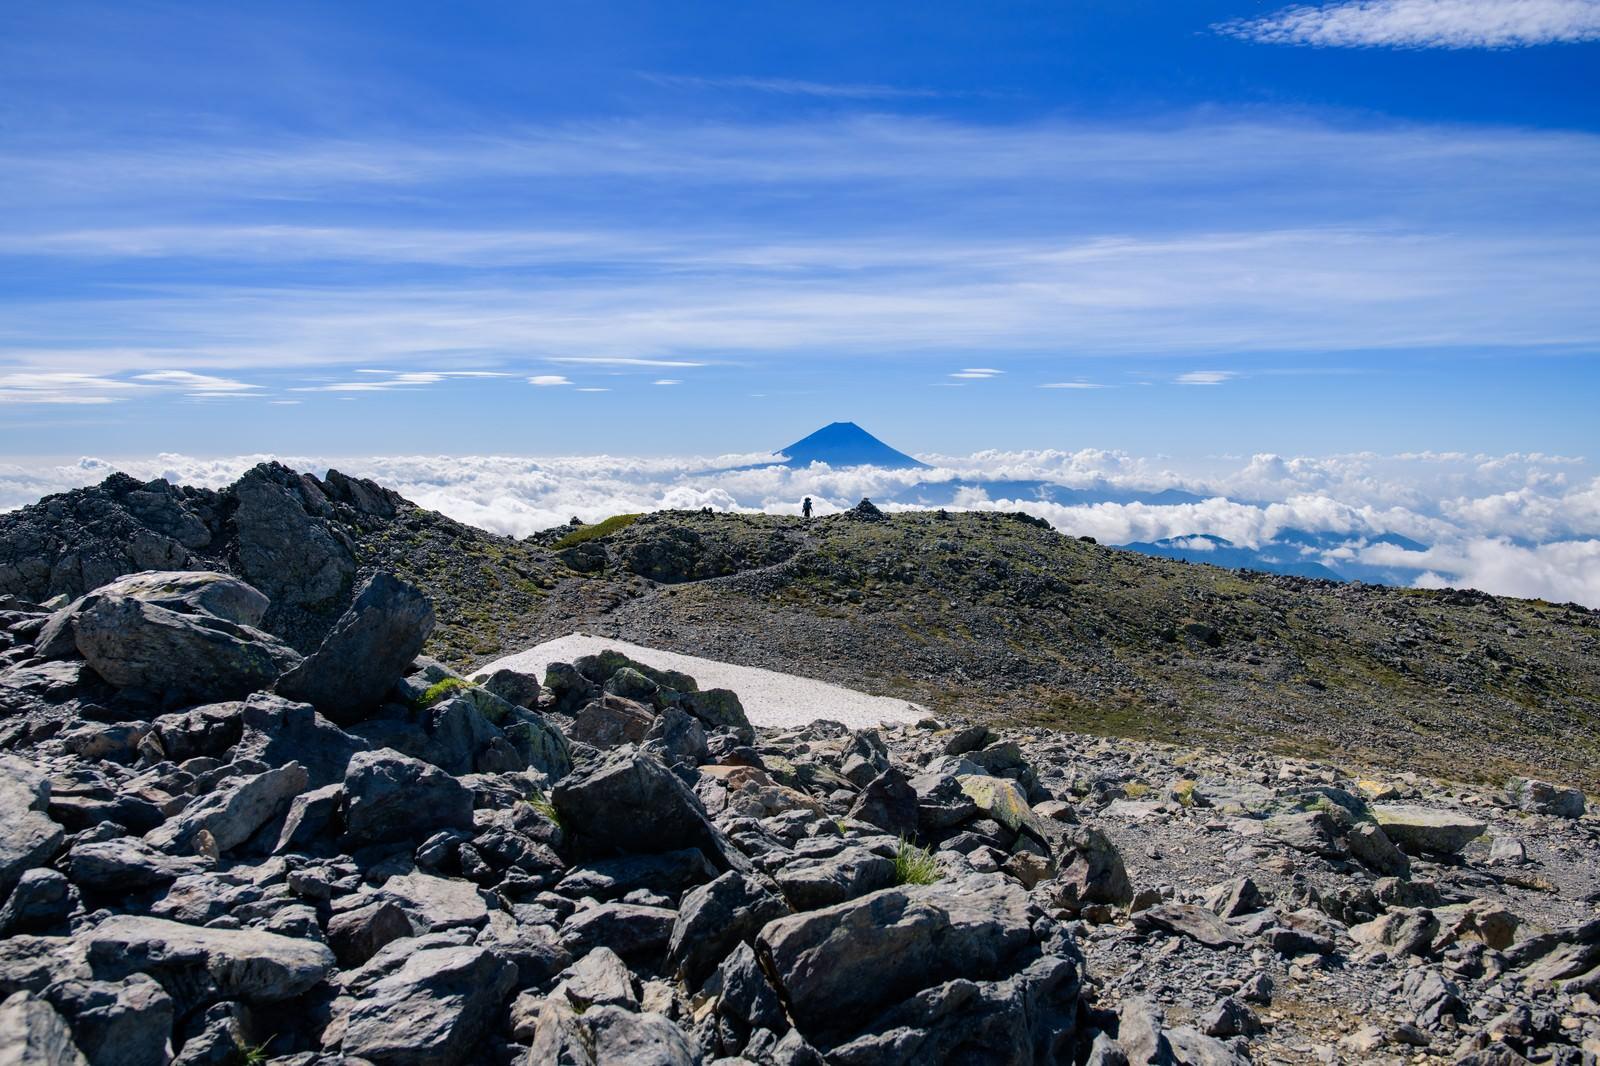 「間ノ岳山頂から富士山を望む」の写真